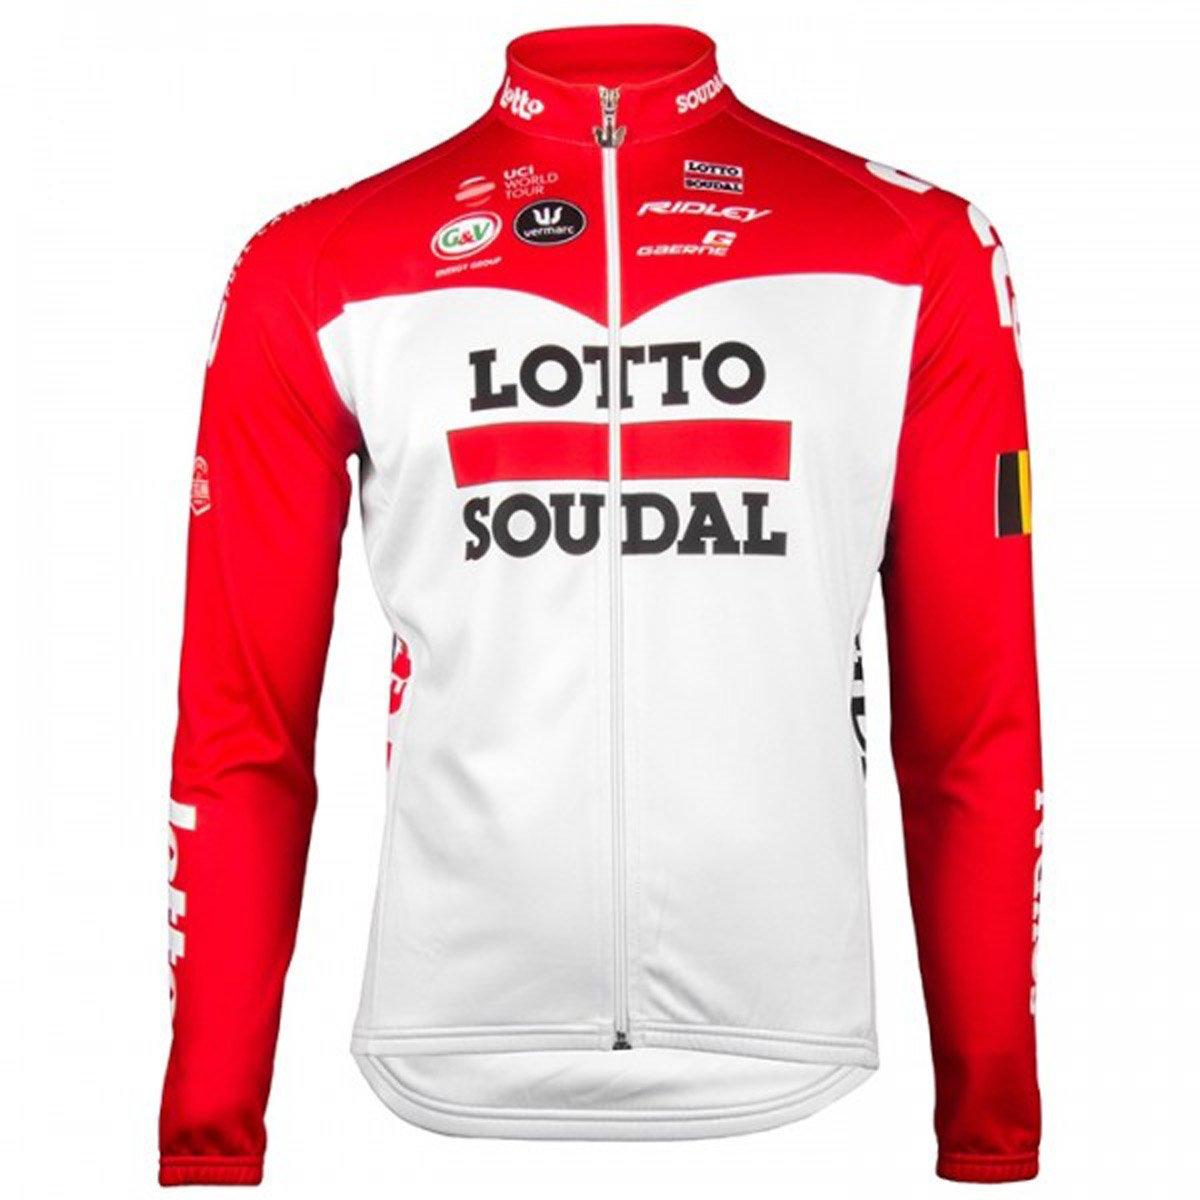 自転車ウェア 2018 Lotto Soudal 長袖ジャージ Mサイズ ロットソウダル   B07CJY7TKQ